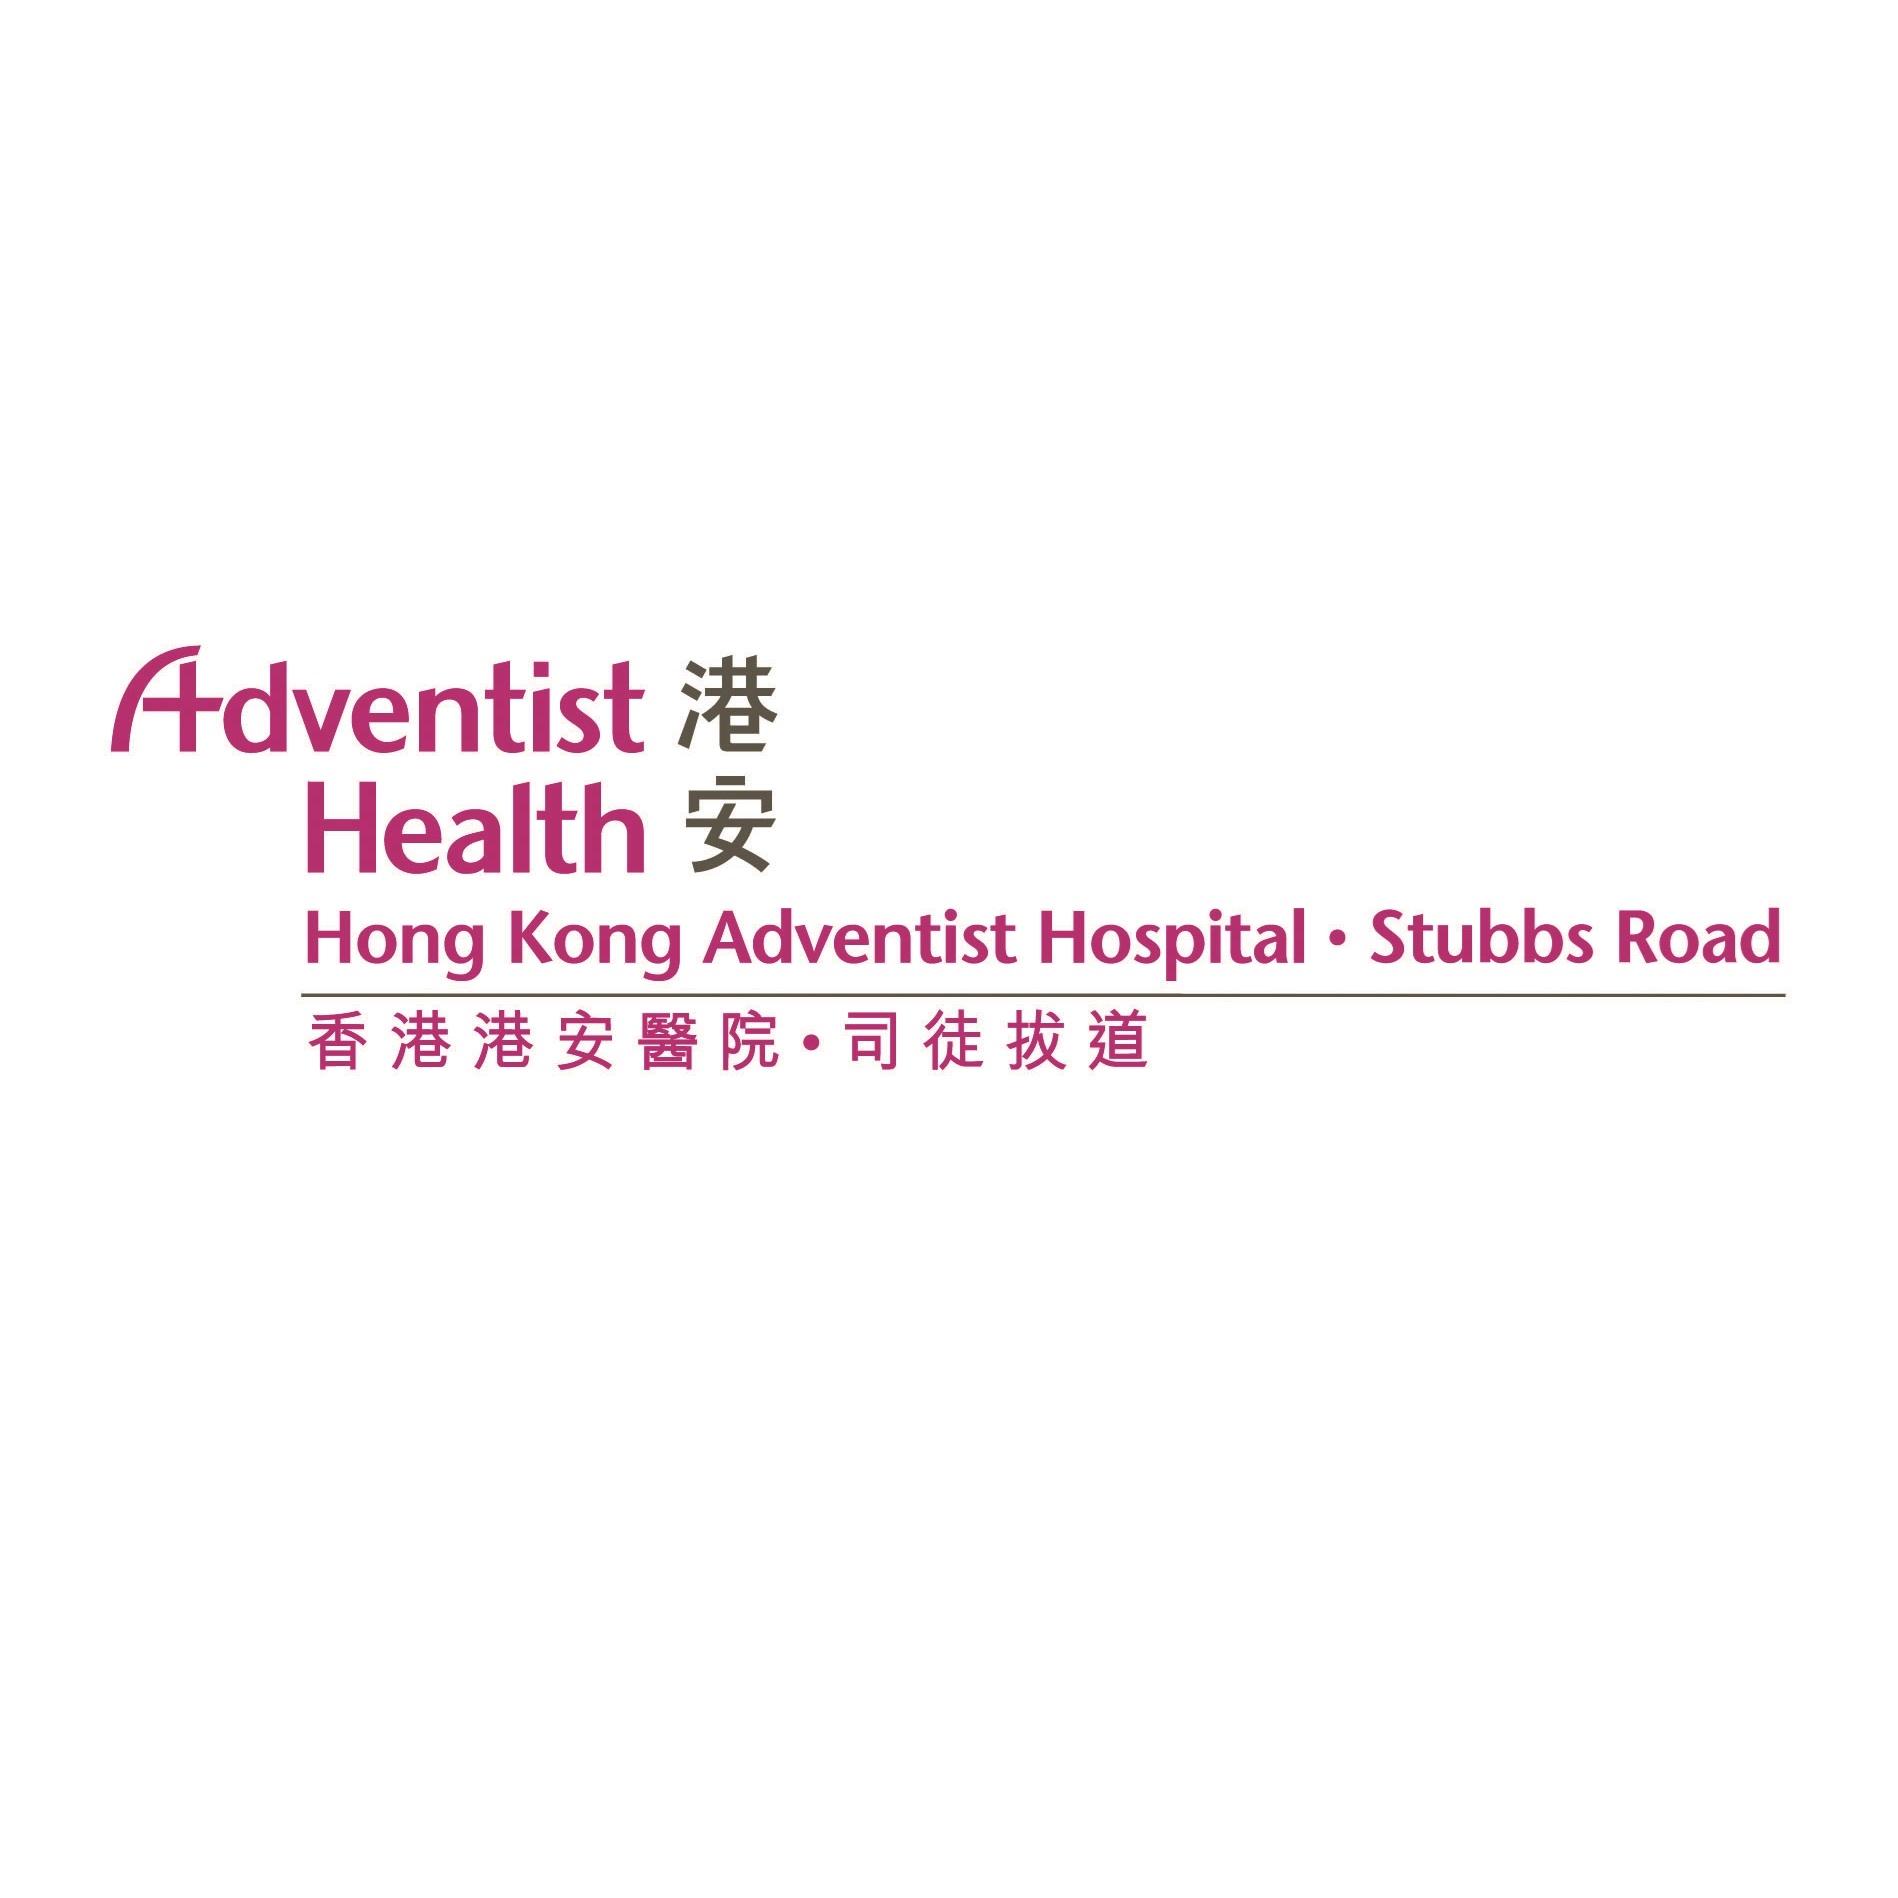 香港港安醫院 – 司徒拔道